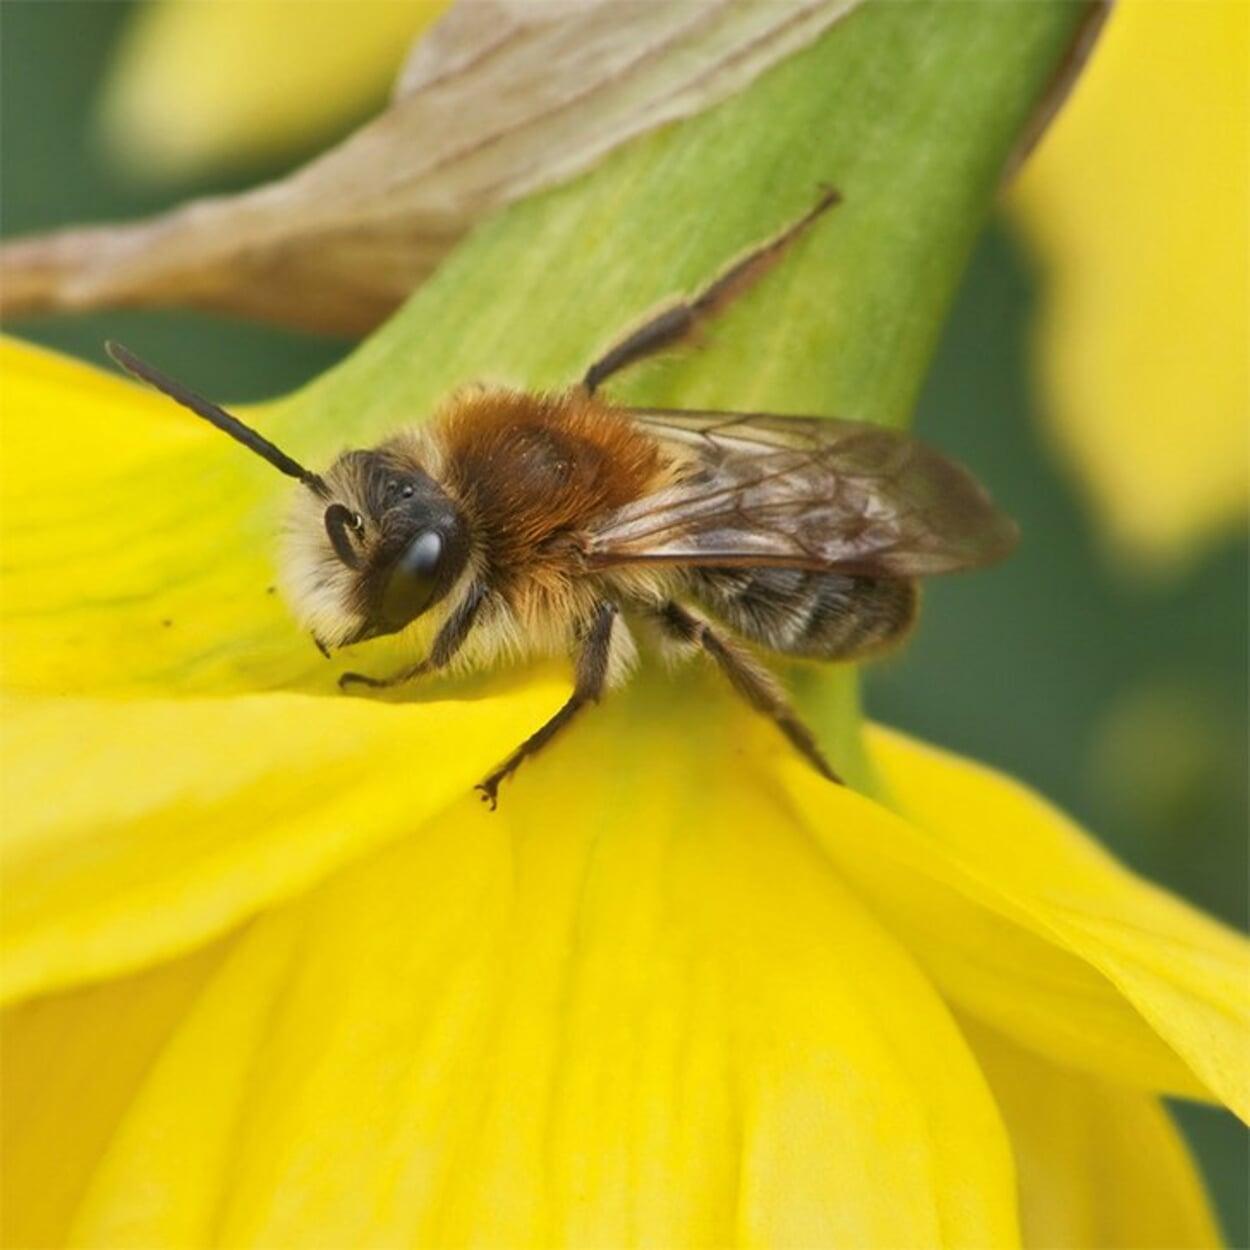 Wildbienen siedeln in hohlen Stengeln oder gebohrten Holzstücken